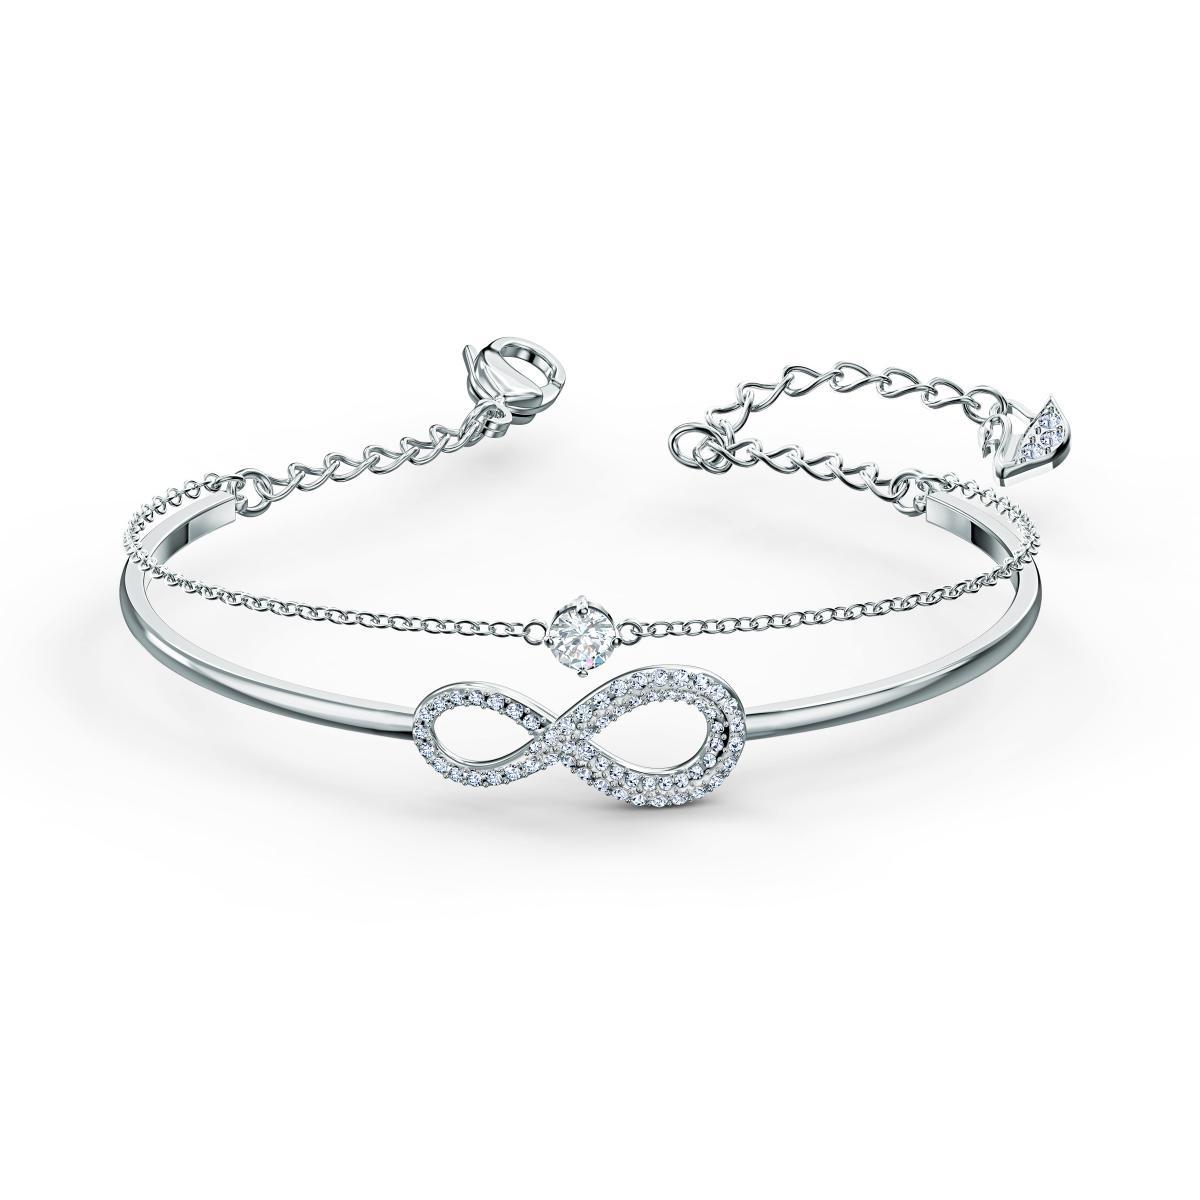 bracelet femme pas cher infini